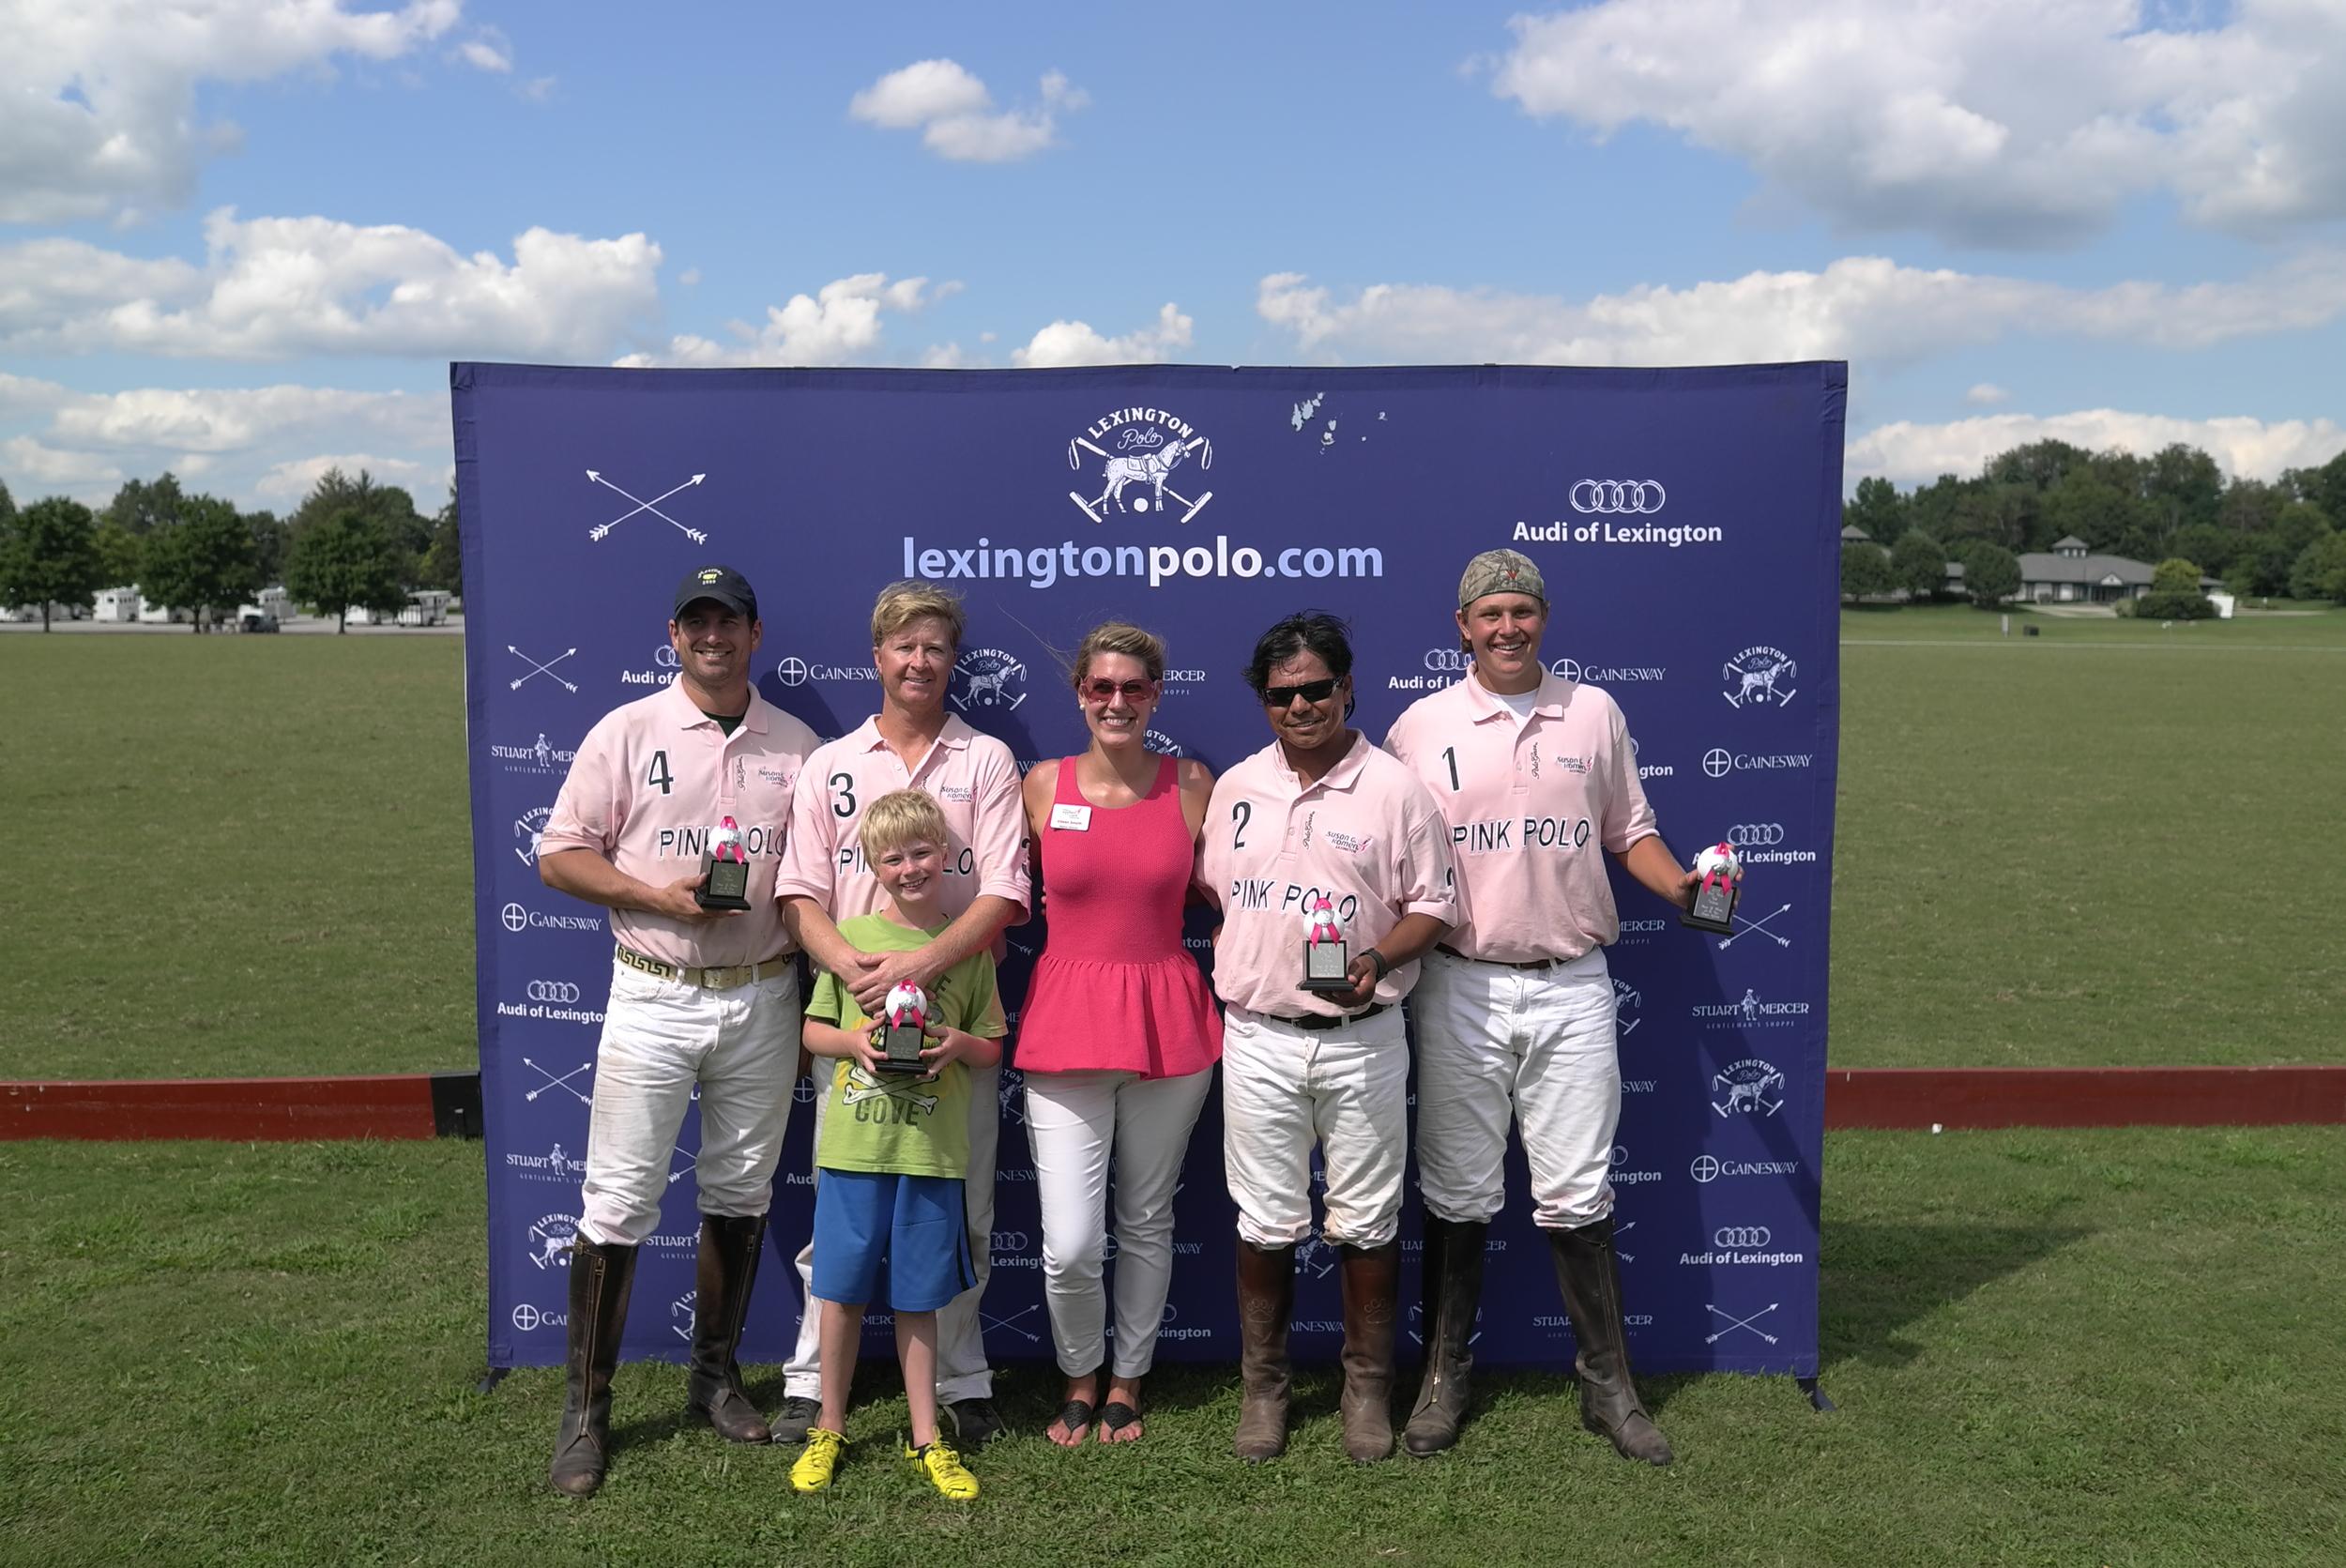 Winners - Susan G. Komen Team